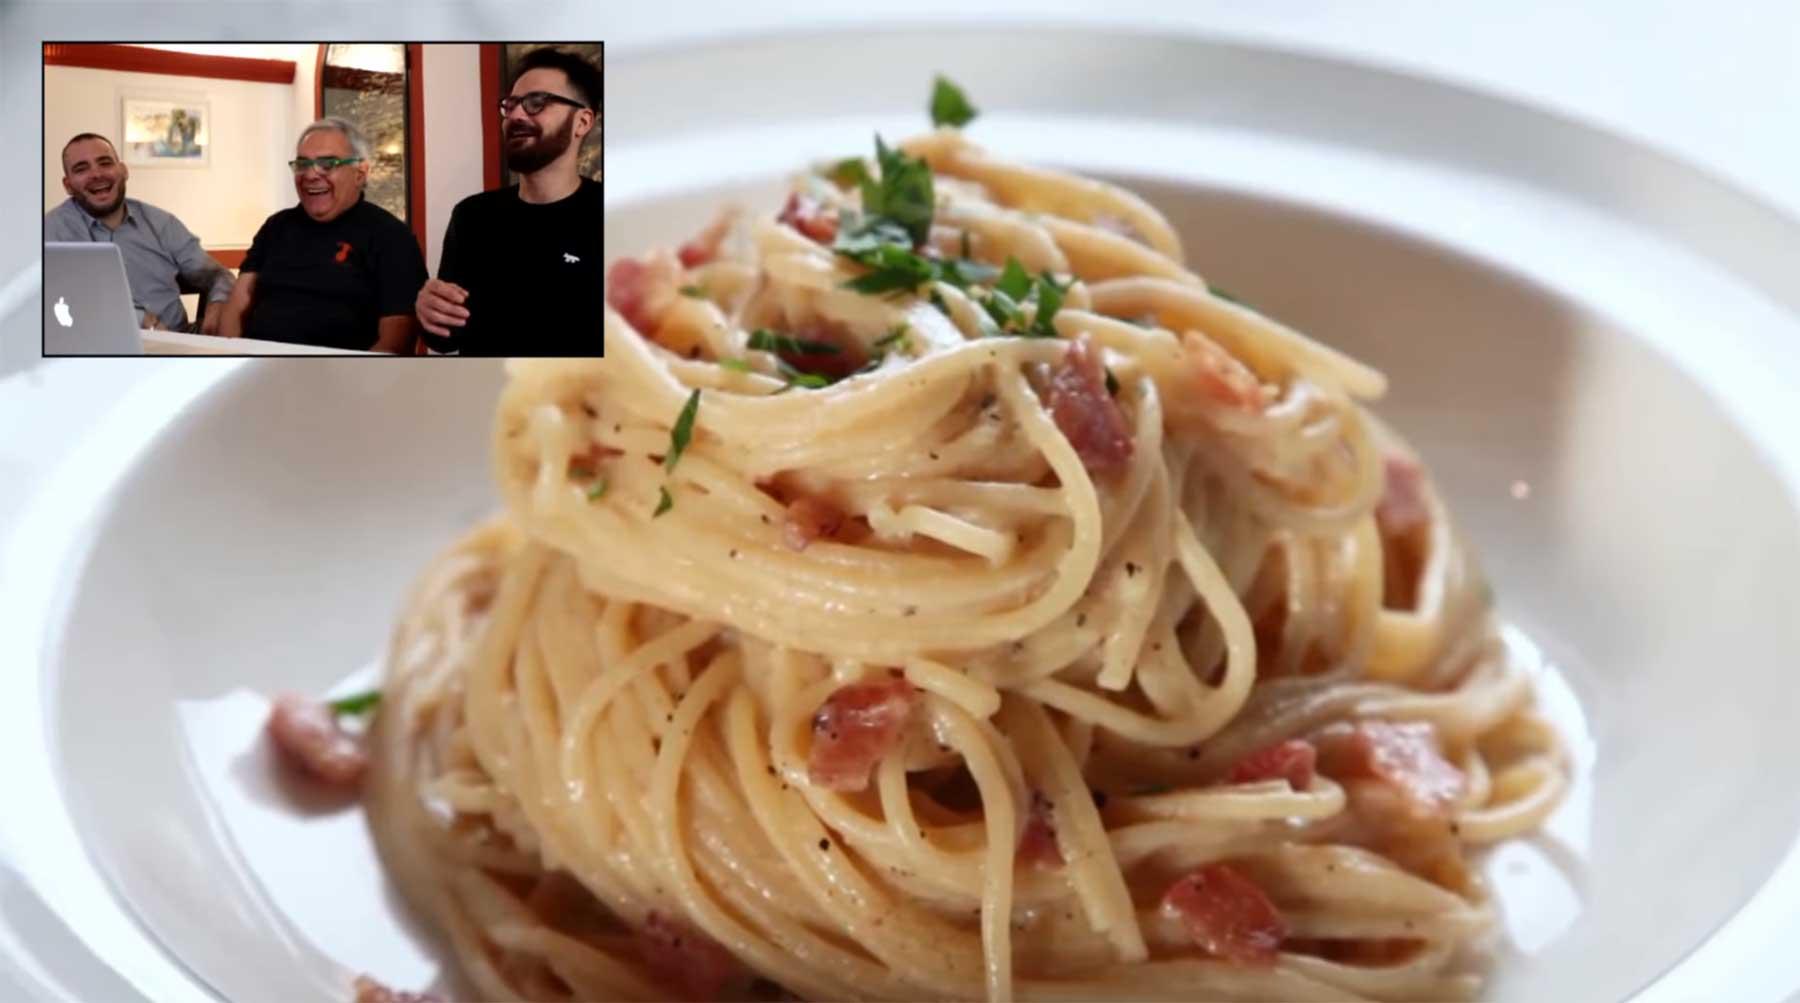 Italienische Chefköche reagieren auf die meistgeklickten Carbonara-Videos